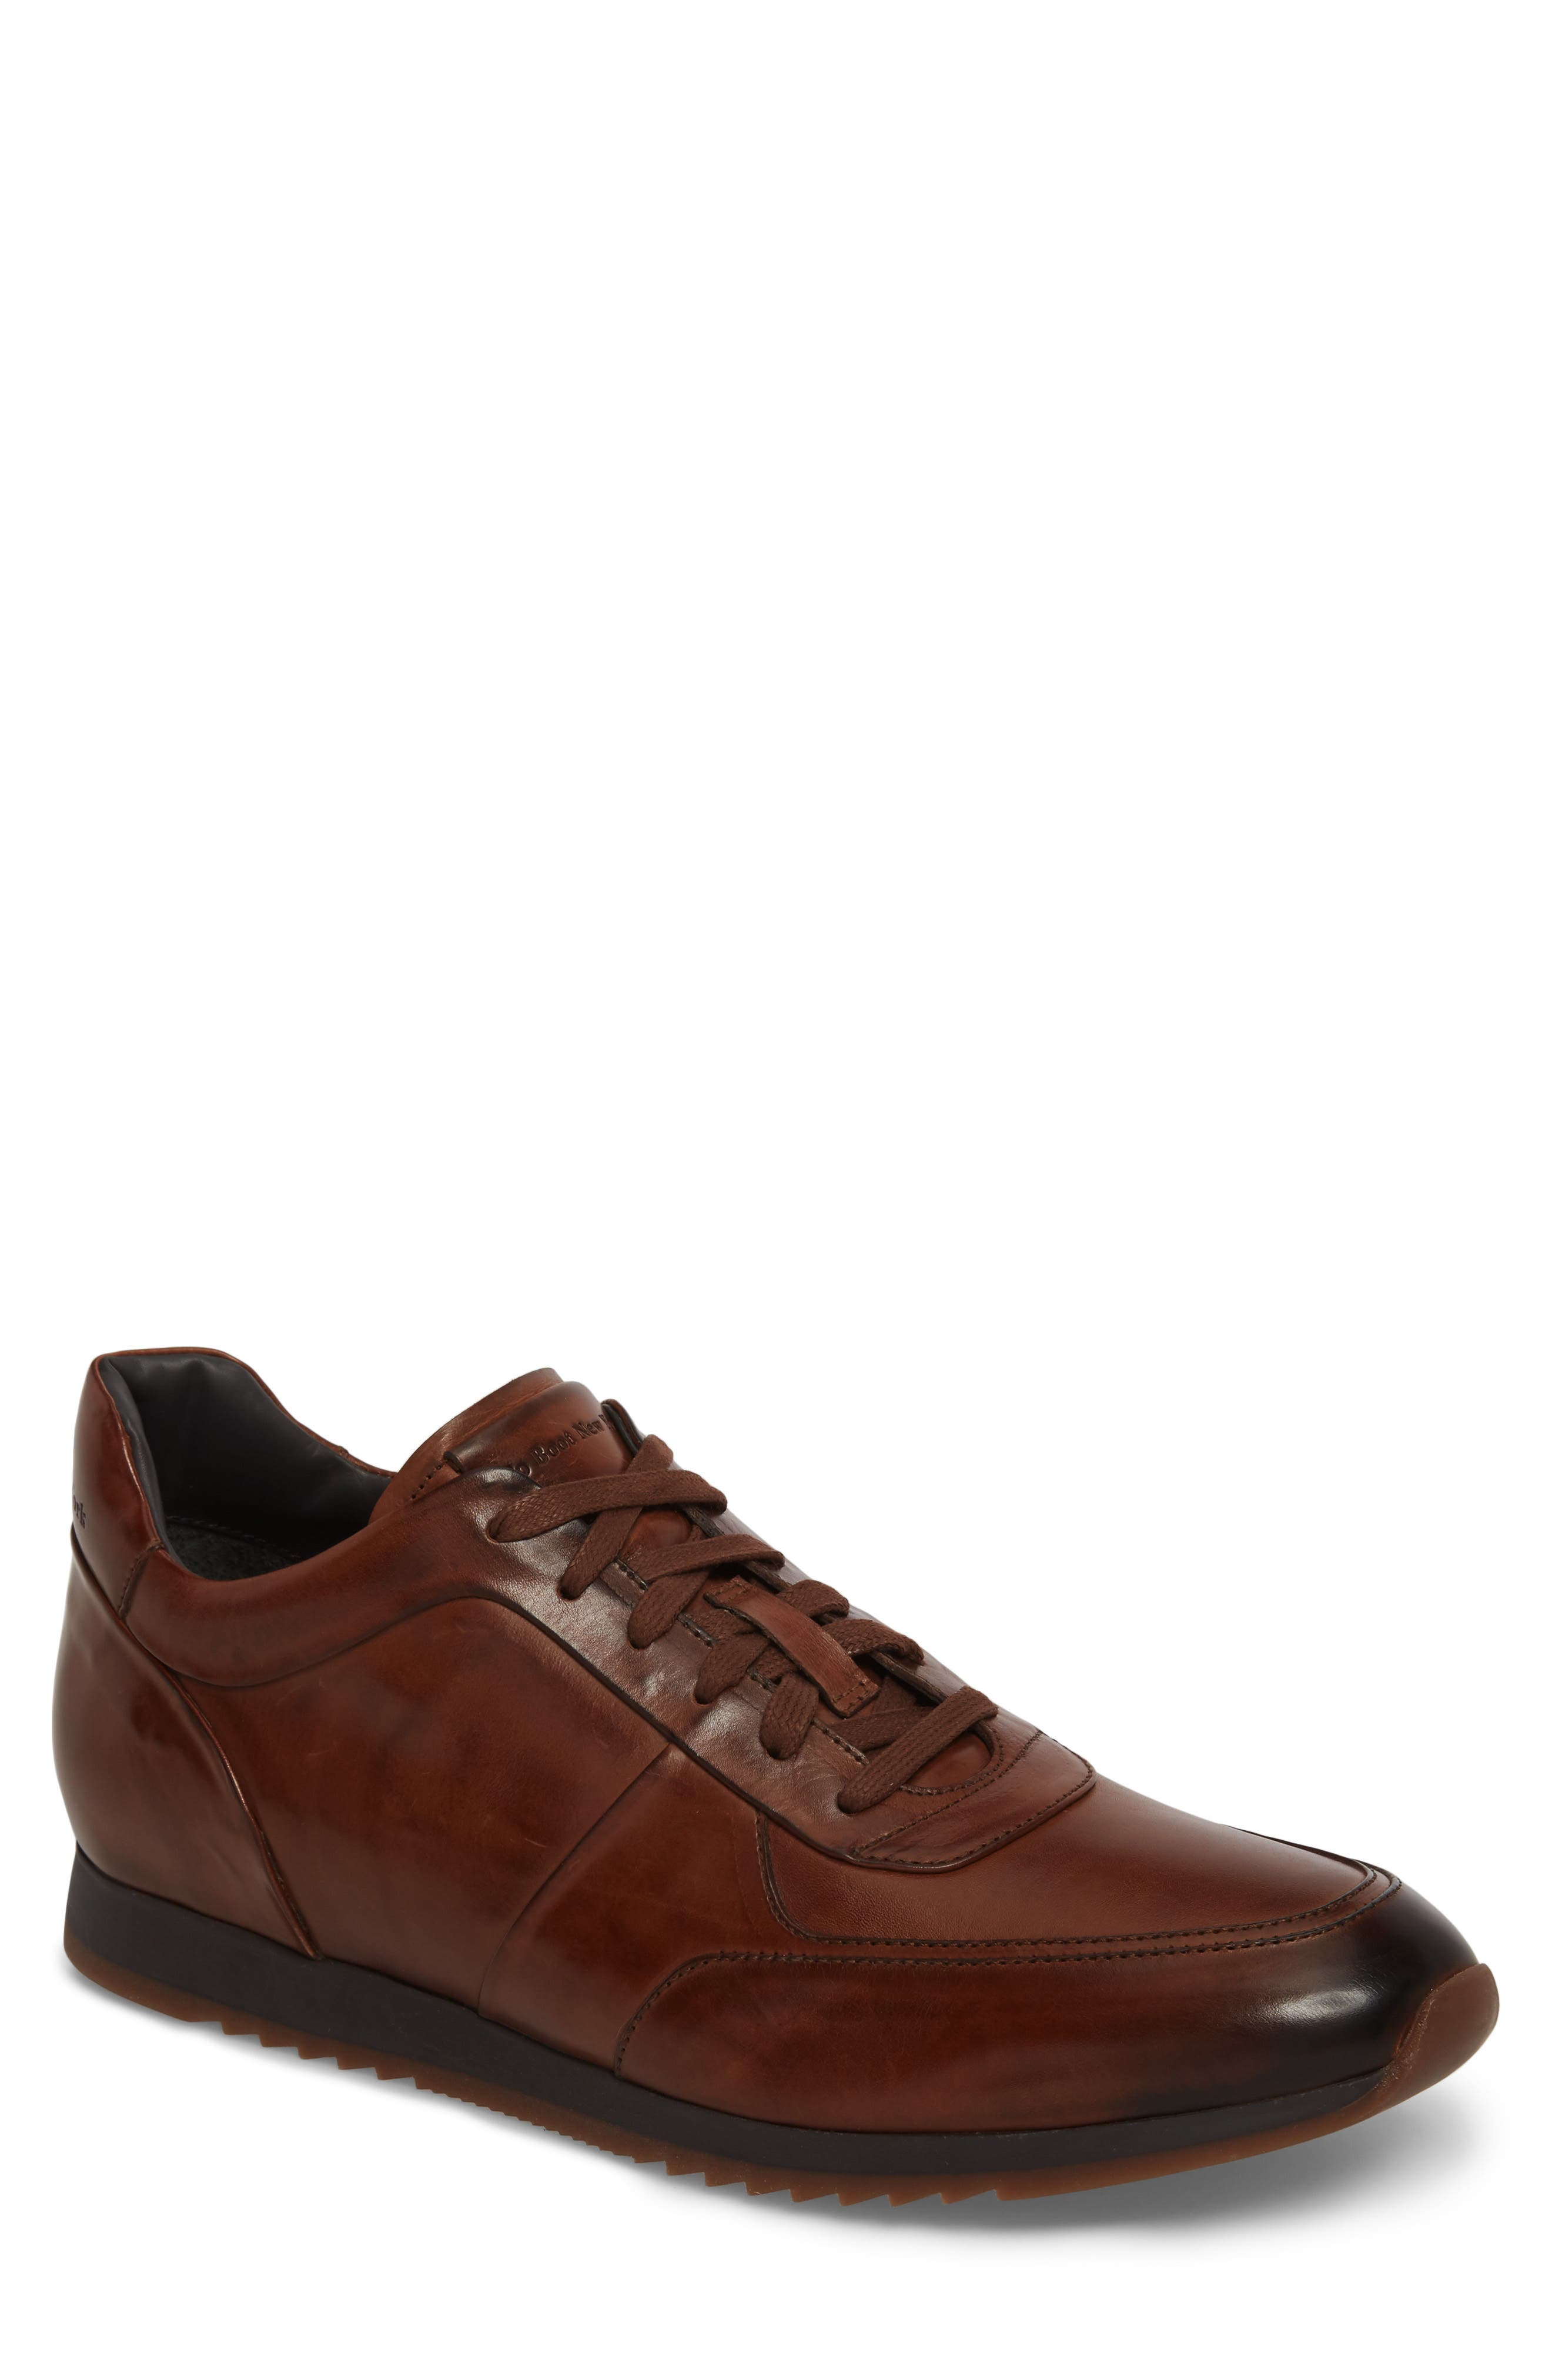 Lenox Low Top Sneaker,                             Main thumbnail 1, color,                             Tan Leather